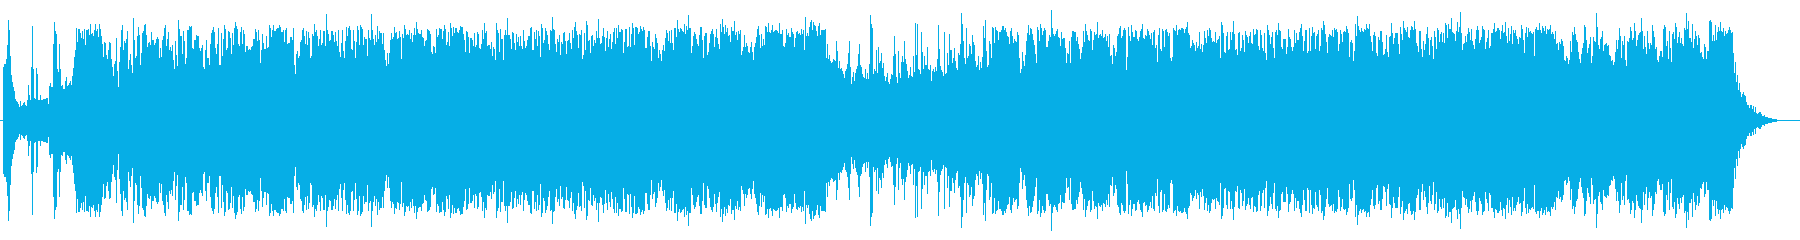 迫力あるボス・シネマティック楽曲の再生済みの波形